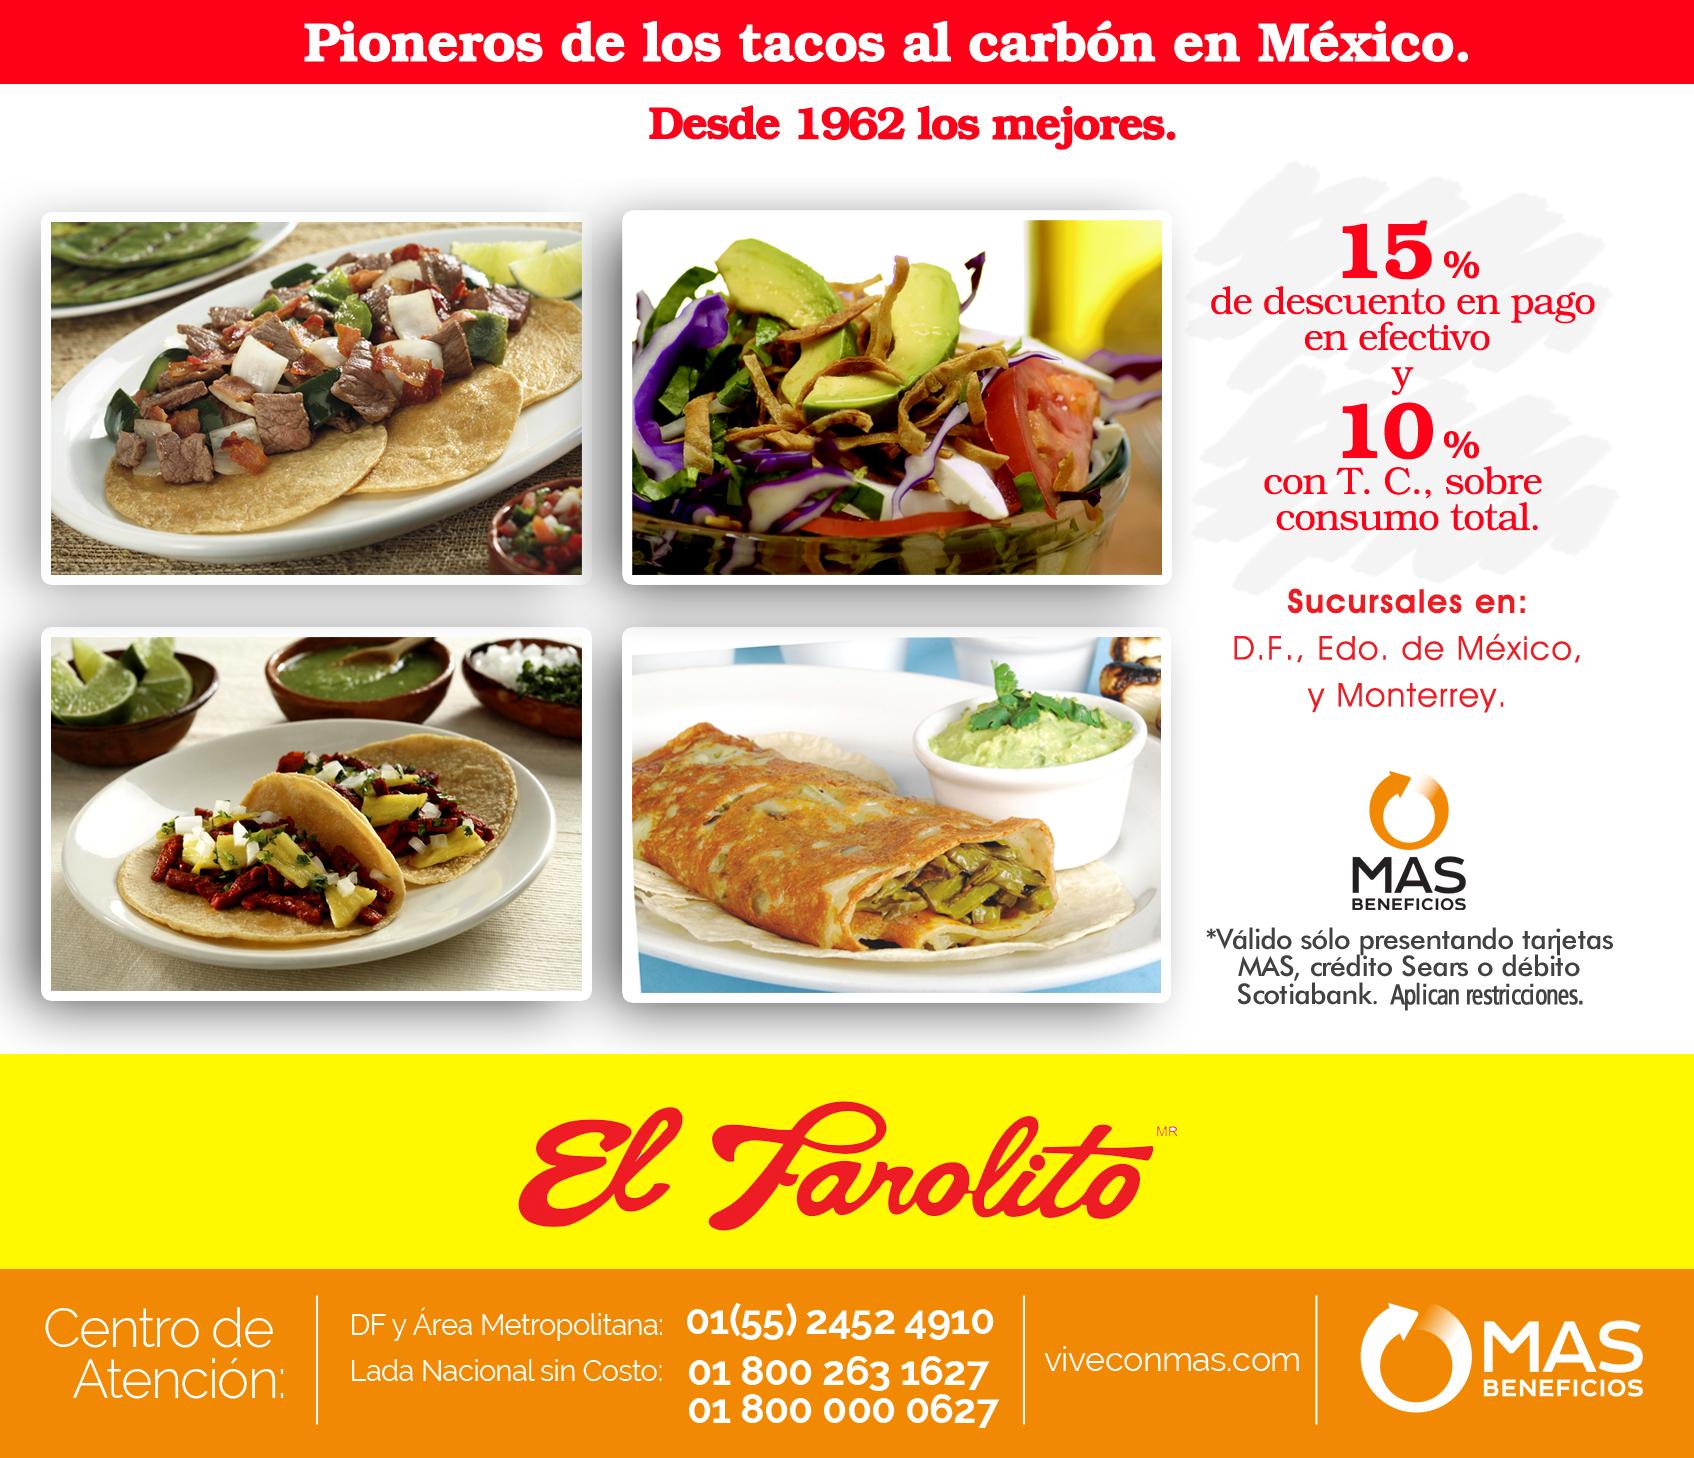 EL FAROLITO, más de 50 años en la industria del Taco.